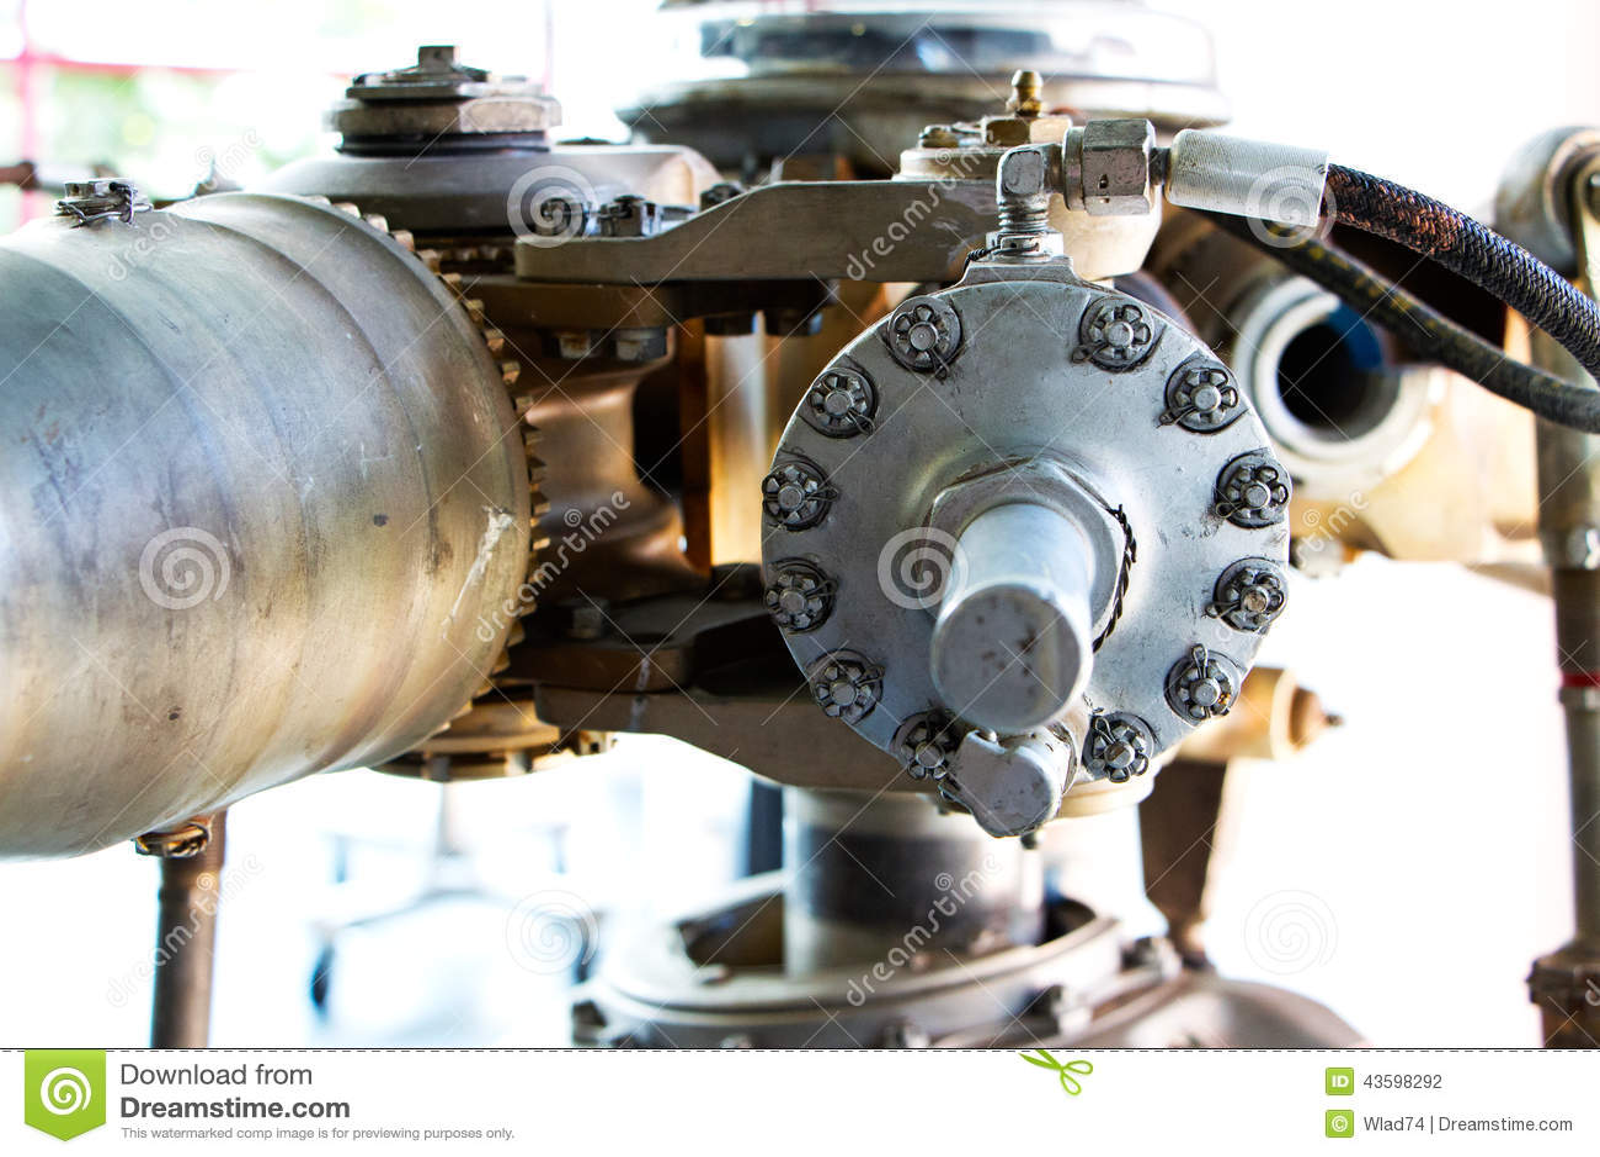 Niedlich Teile Eines Automotors Beschriftet Fotos - Elektrische ...